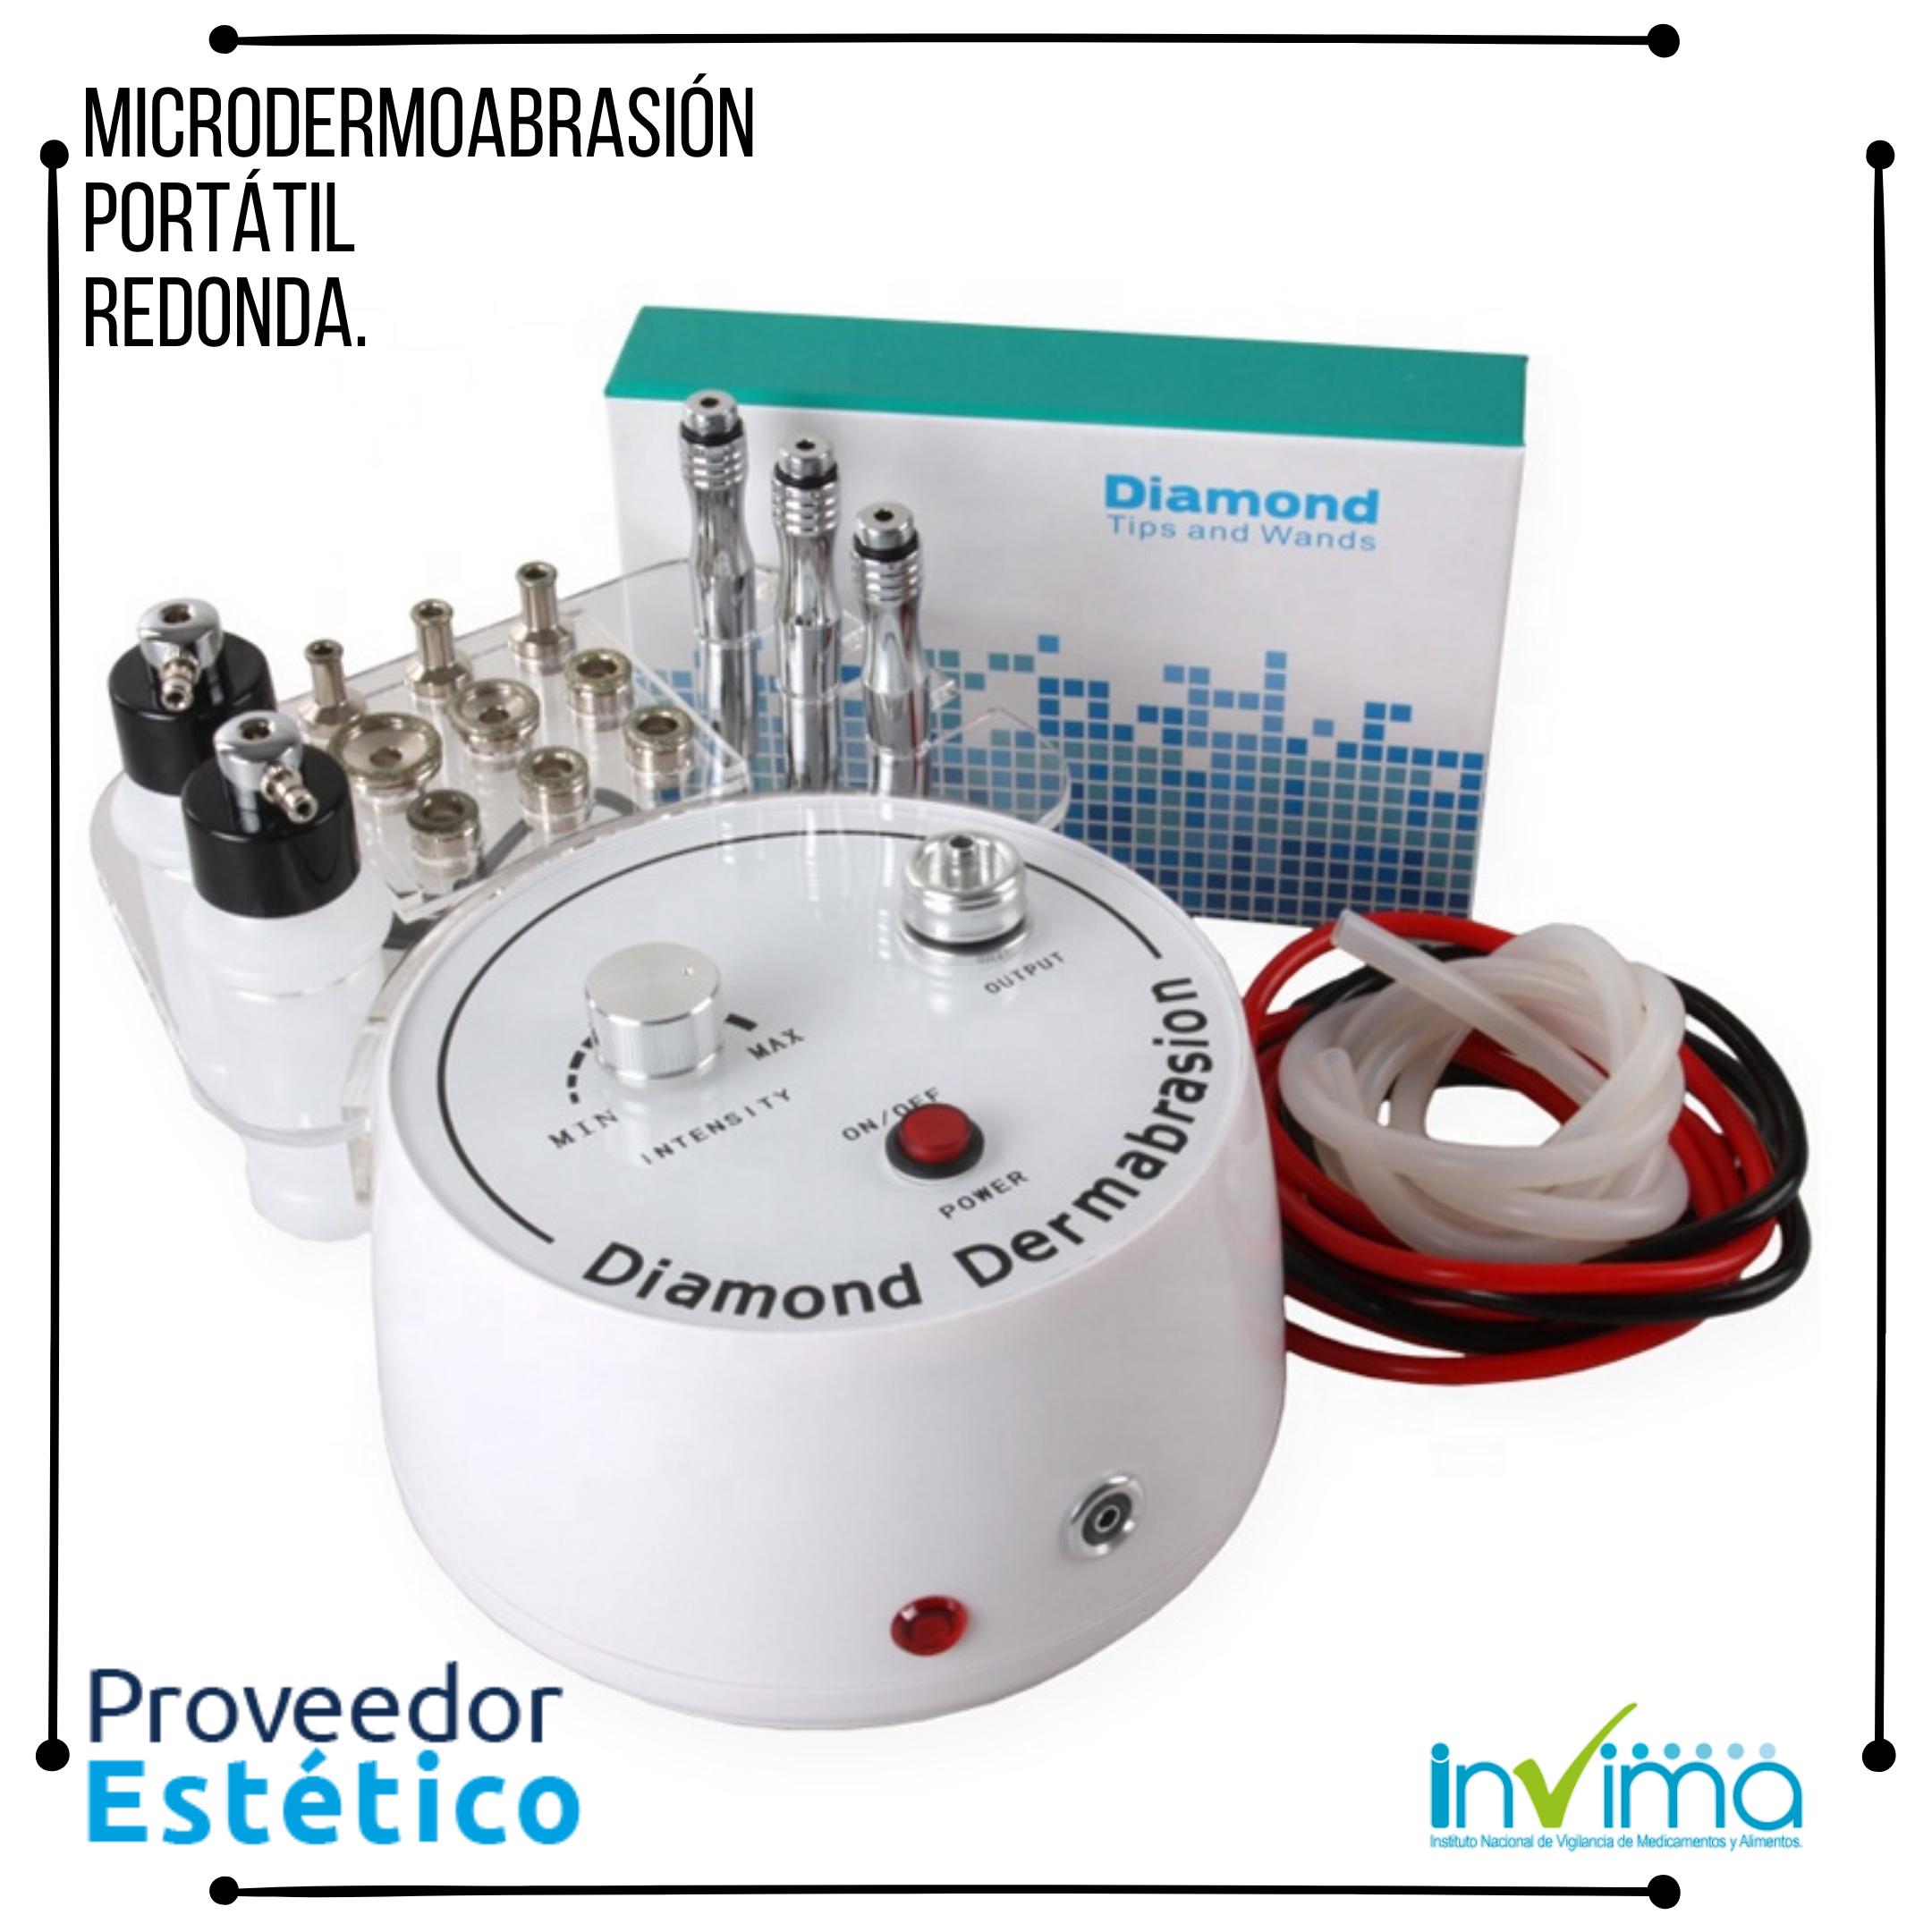 https://0201.nccdn.net/4_2/000/000/071/260/microdermosabrasi--n-port--til-redonda--2-.png